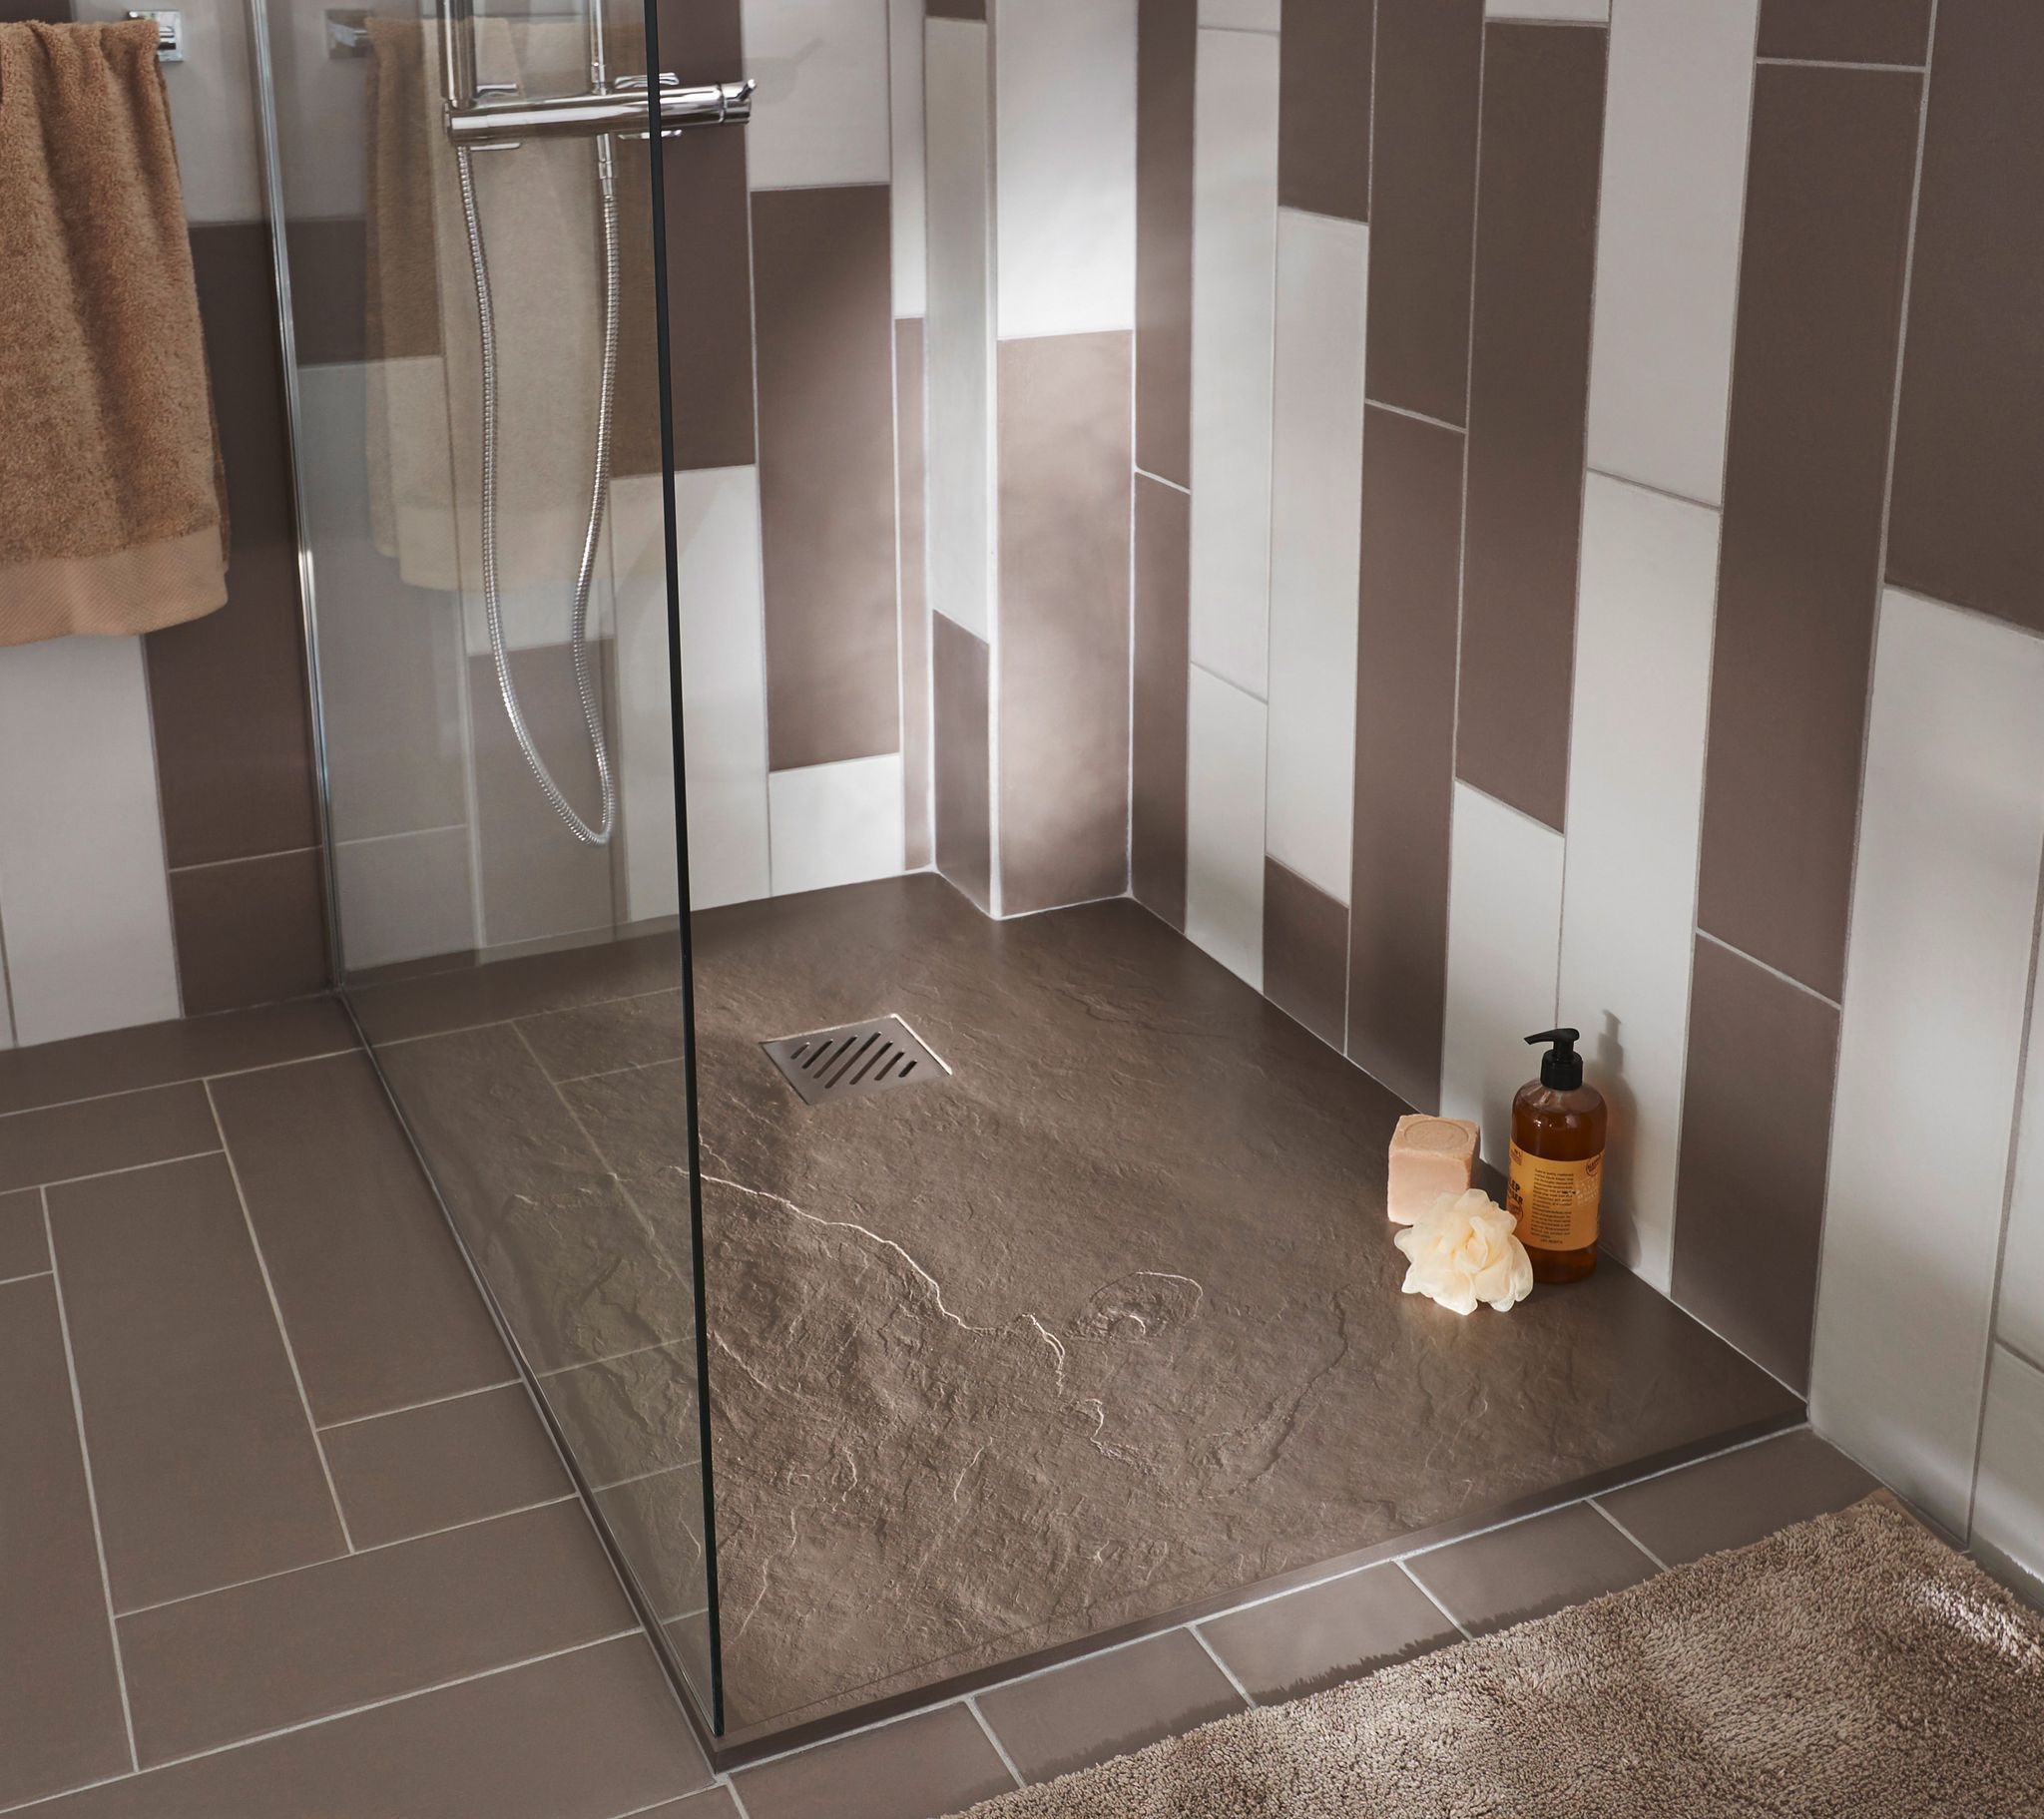 Douche l 39 italienne 20 mod les d couvrir sdb bathroom bathroom renos et home decor - Bac douche italienne ...